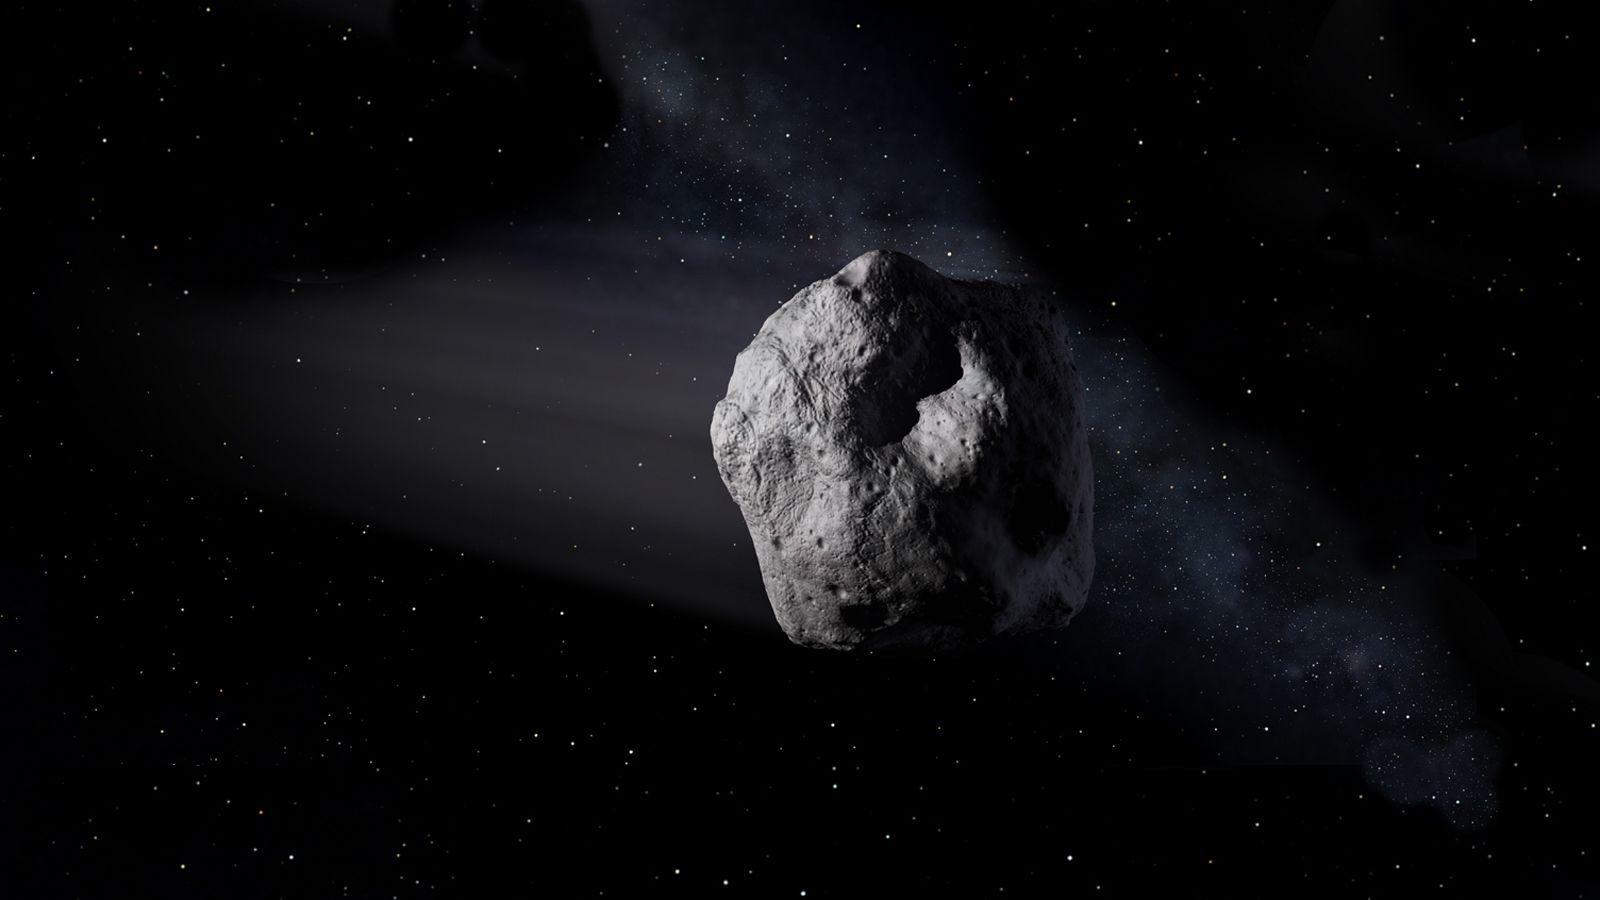 Ako by sa Zem bránila proti zrážke s obrovským asteroidom? V hre je atómová bomba aj malé biliardové ťukance od bežných rakiet